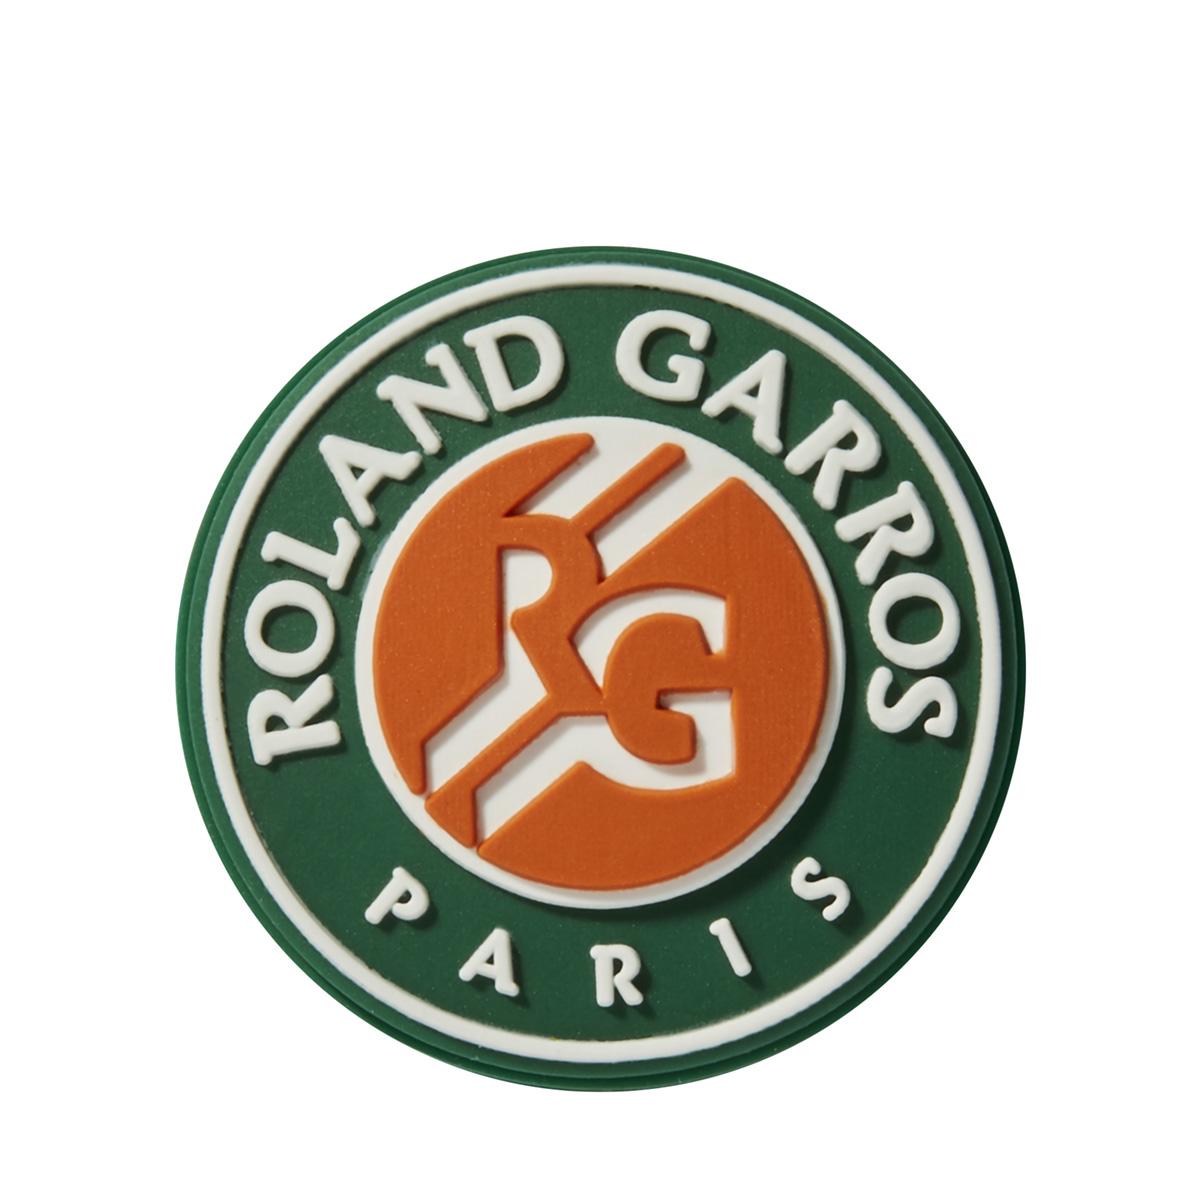 WR8402001_2_Roland_Garros_Vibration_Dampener_RG_Logo_OR_GR